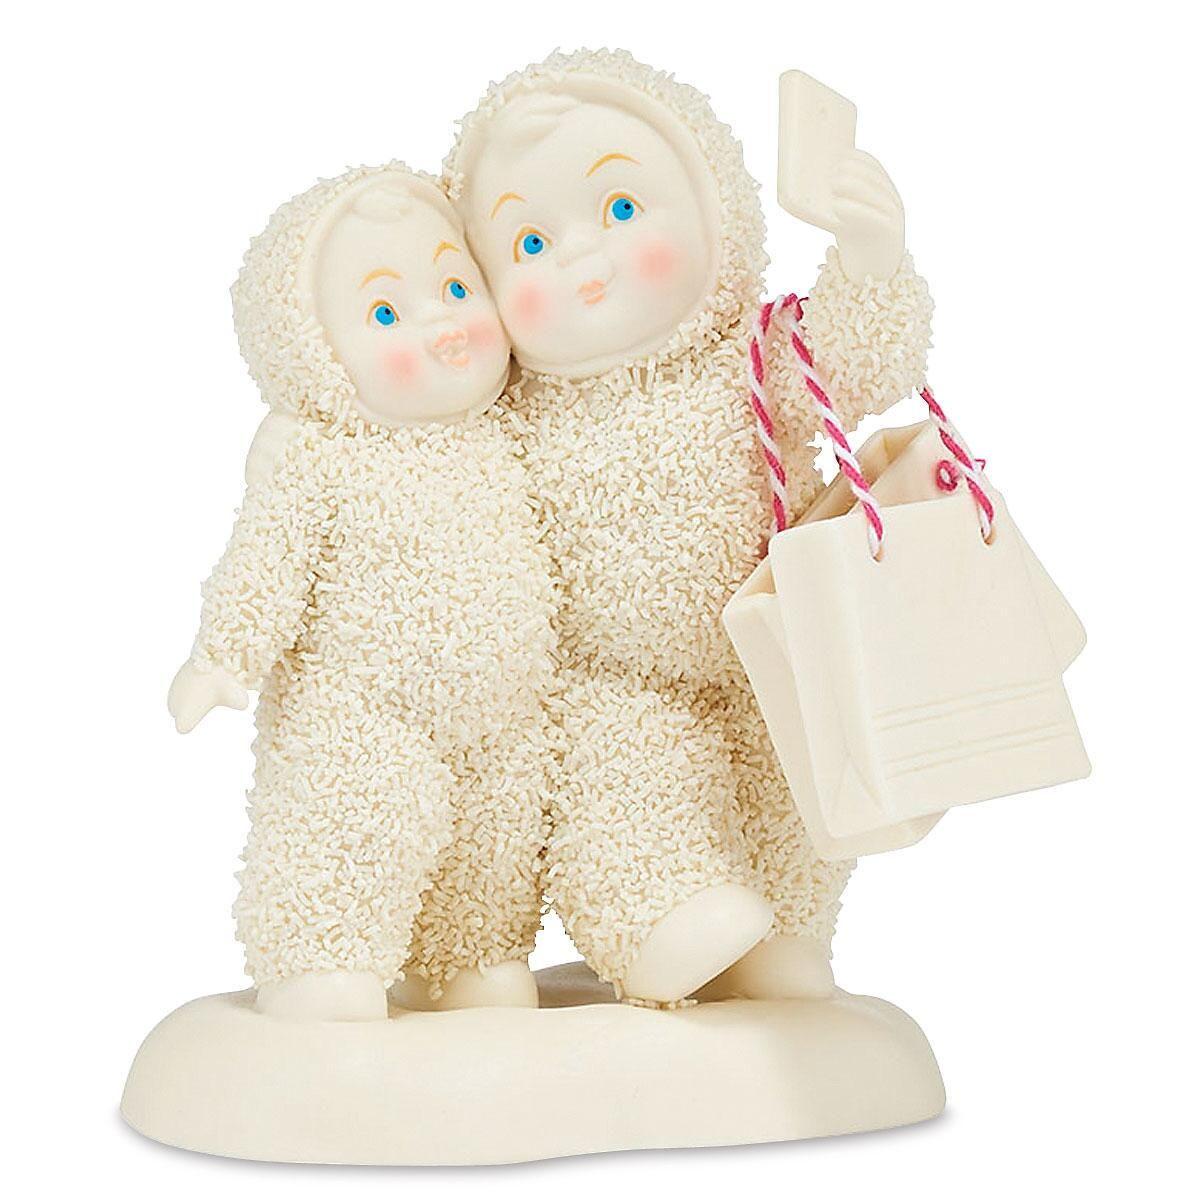 Snowbabies™ Selfie Figurine